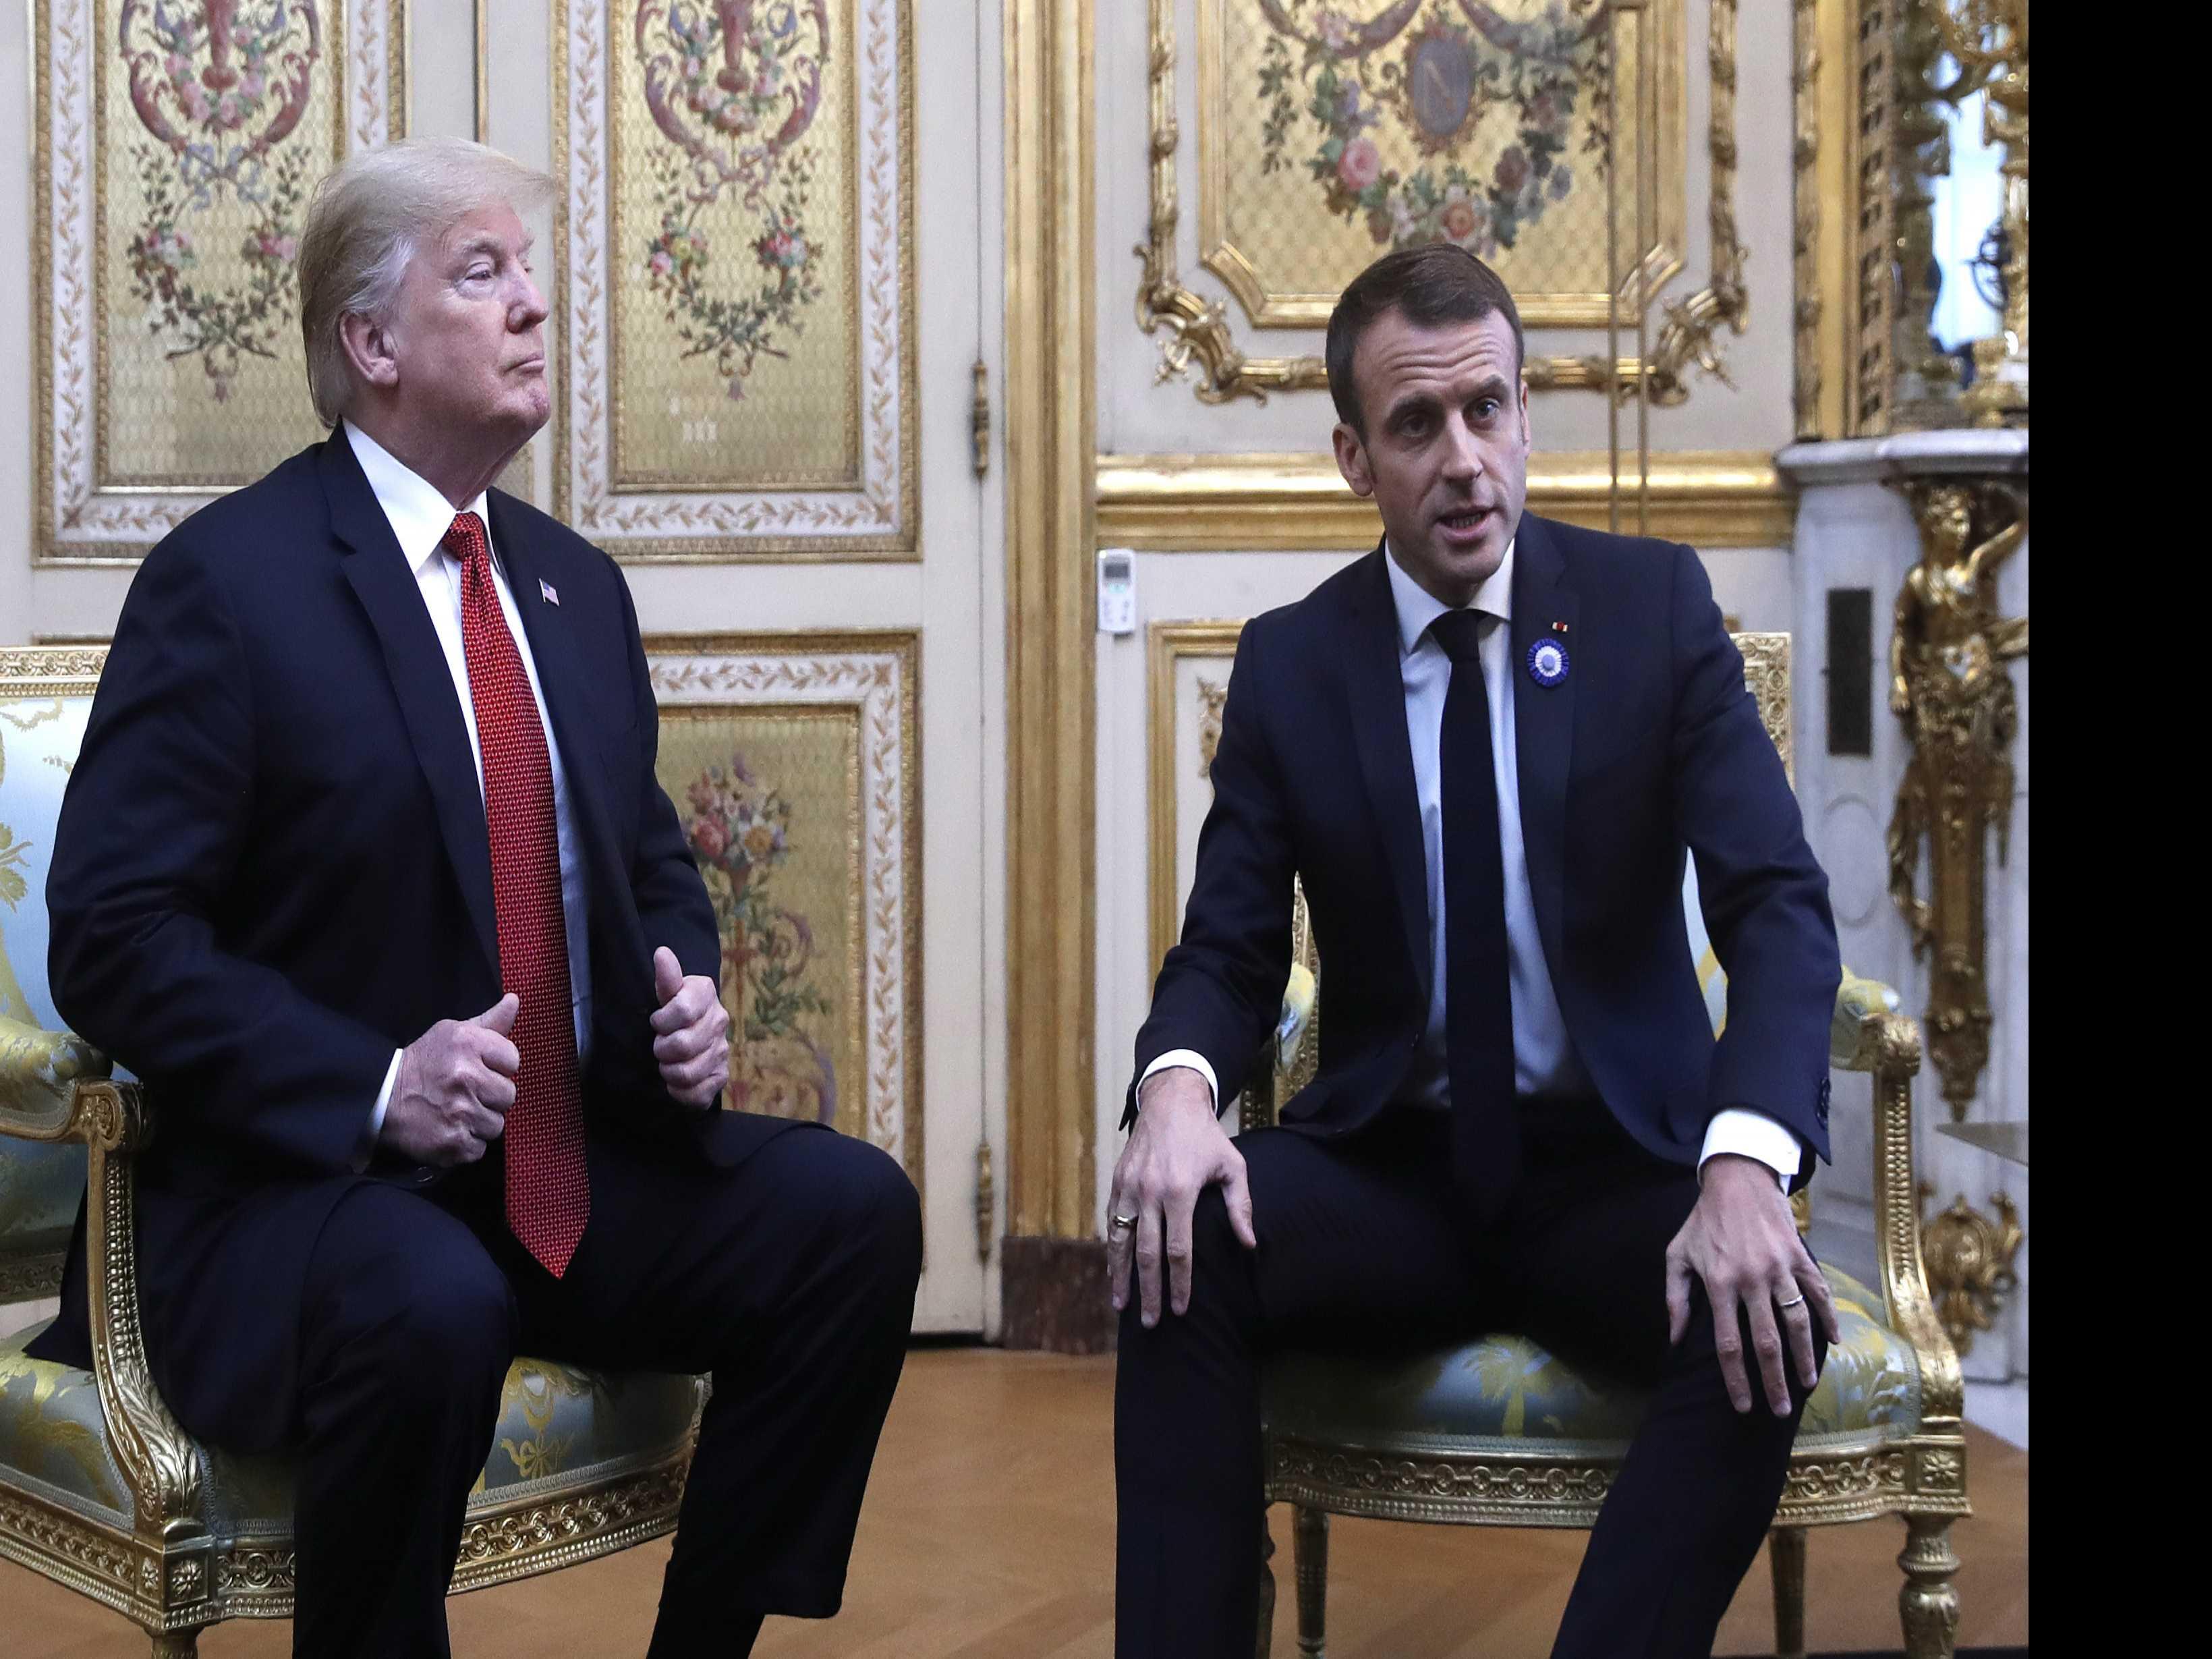 Trump, Macron Seek to Ease Tensions Before WWI Anniversary